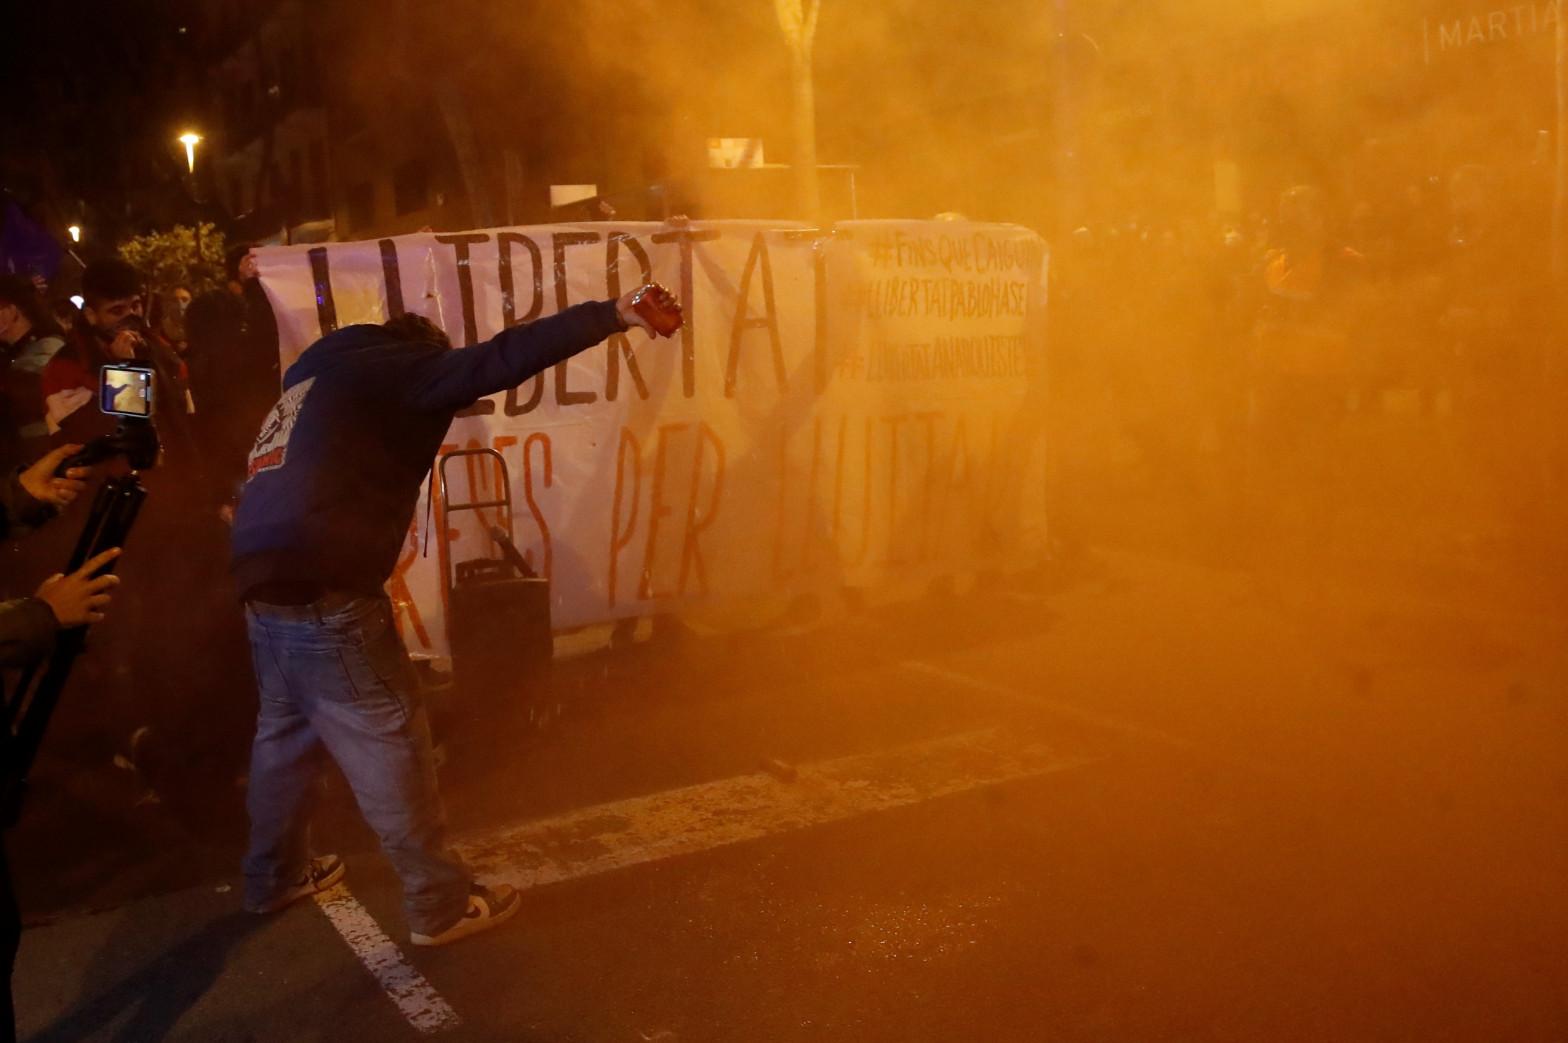 Encapuchados atacan a los Mossos en una nueva noche de disturbios en Barcelona